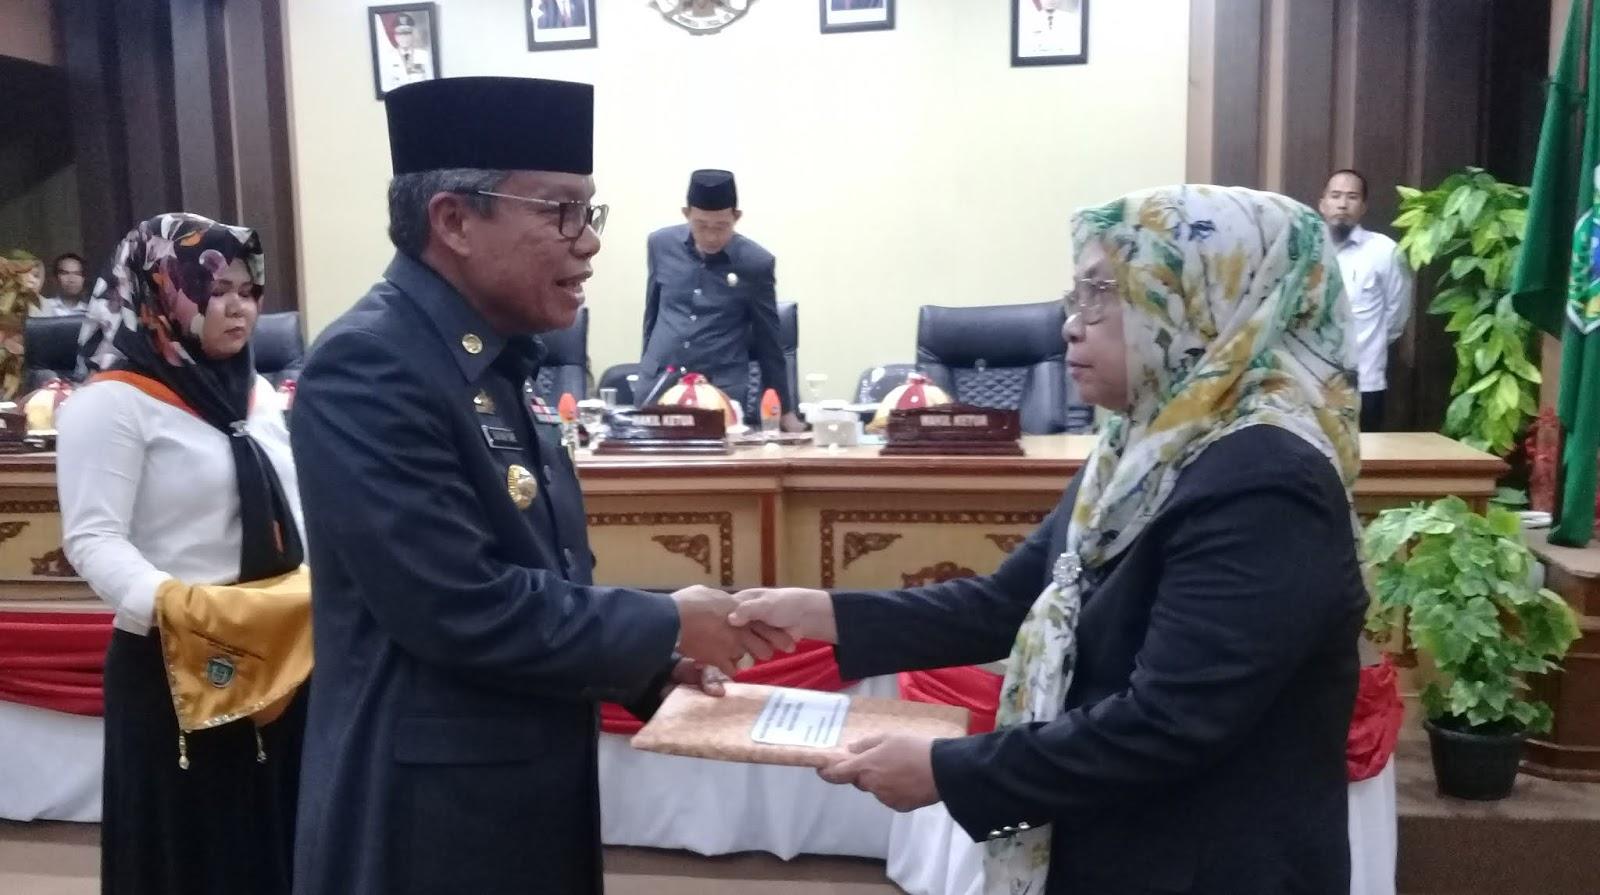 DPRD Parepare Gelar Rapat Paripurna Penyerahan Tiga Rancangan Perda Inisiatif